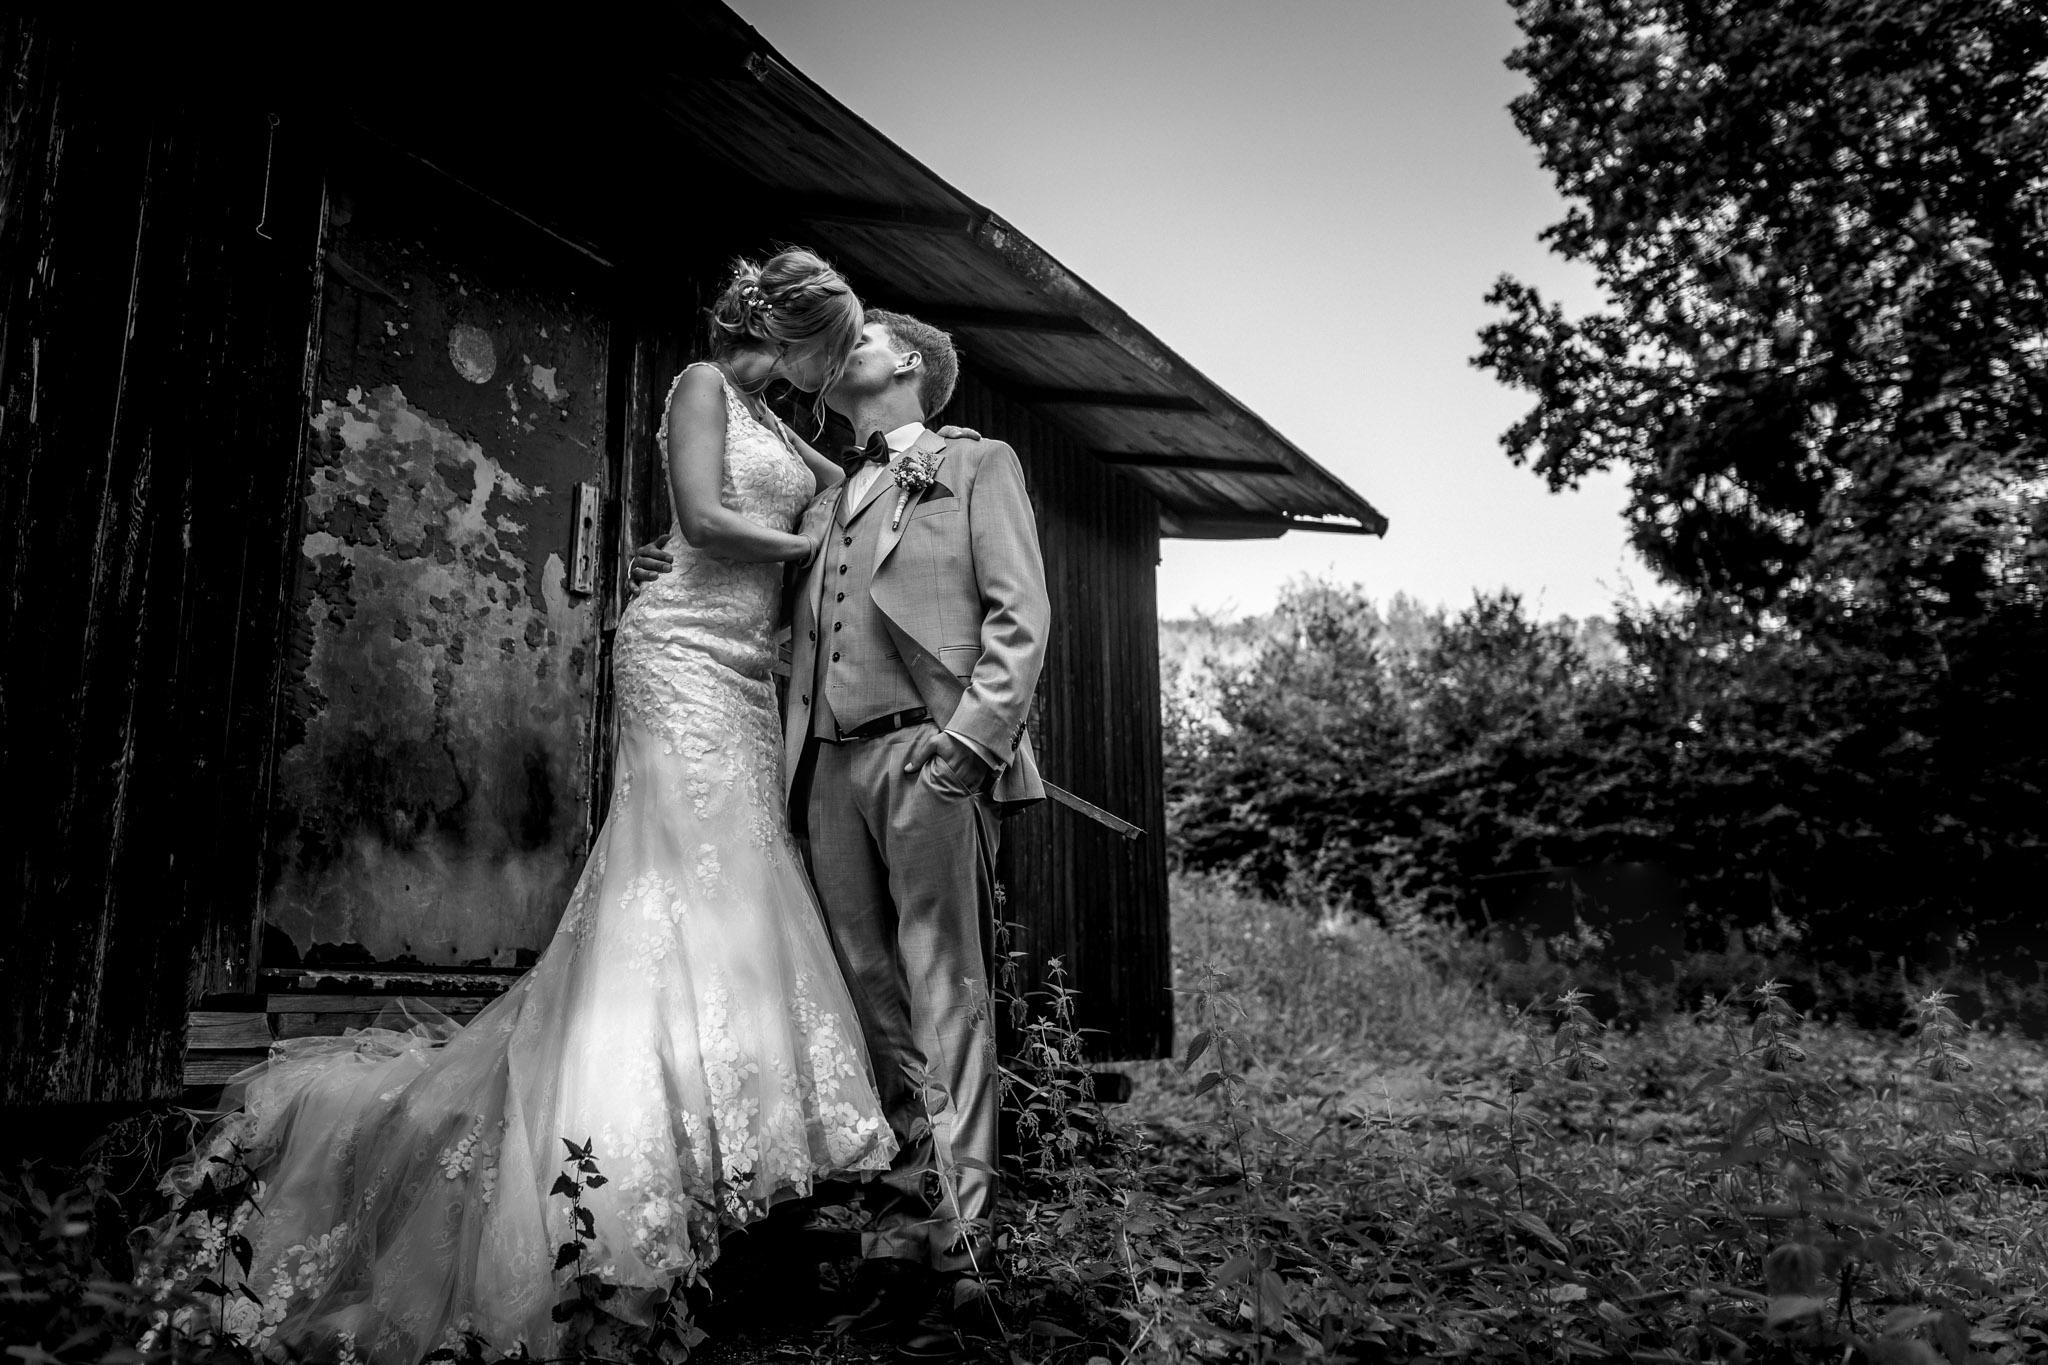 Sven Schomburg Hochzeitsfotografie, Hamburg, Mölln, Hochzeitsfieber by Photo-Schomburg, Hochzeitsreportage, Forsthaus Waldhusen, Braut, Bräutigam-75